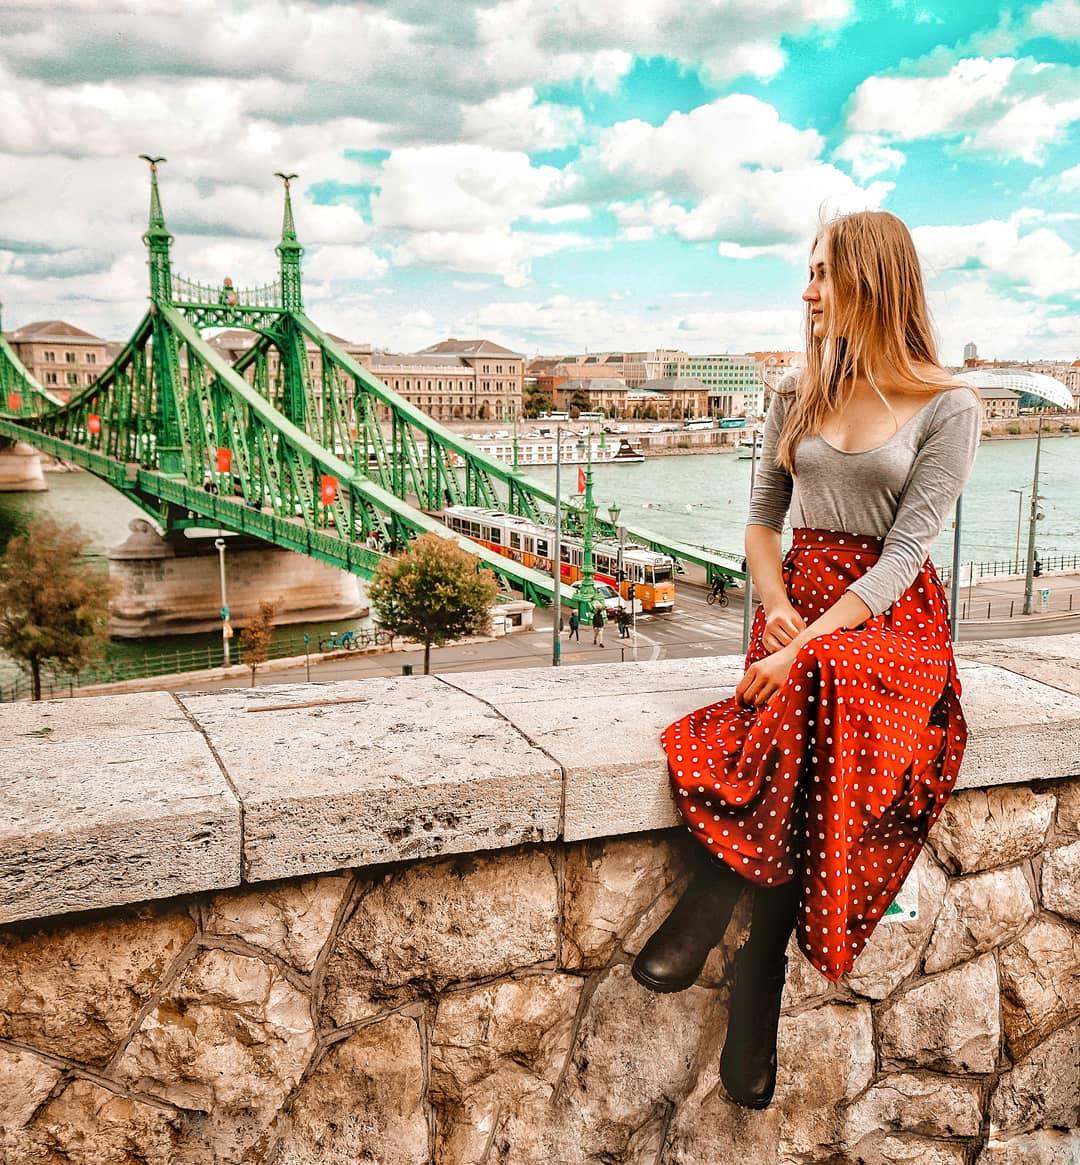 Spontaniczny wyjazd do Budapesztu | Jak zorganizować weekend w Budapeszcie, ceny, atrakcje, jedzenie